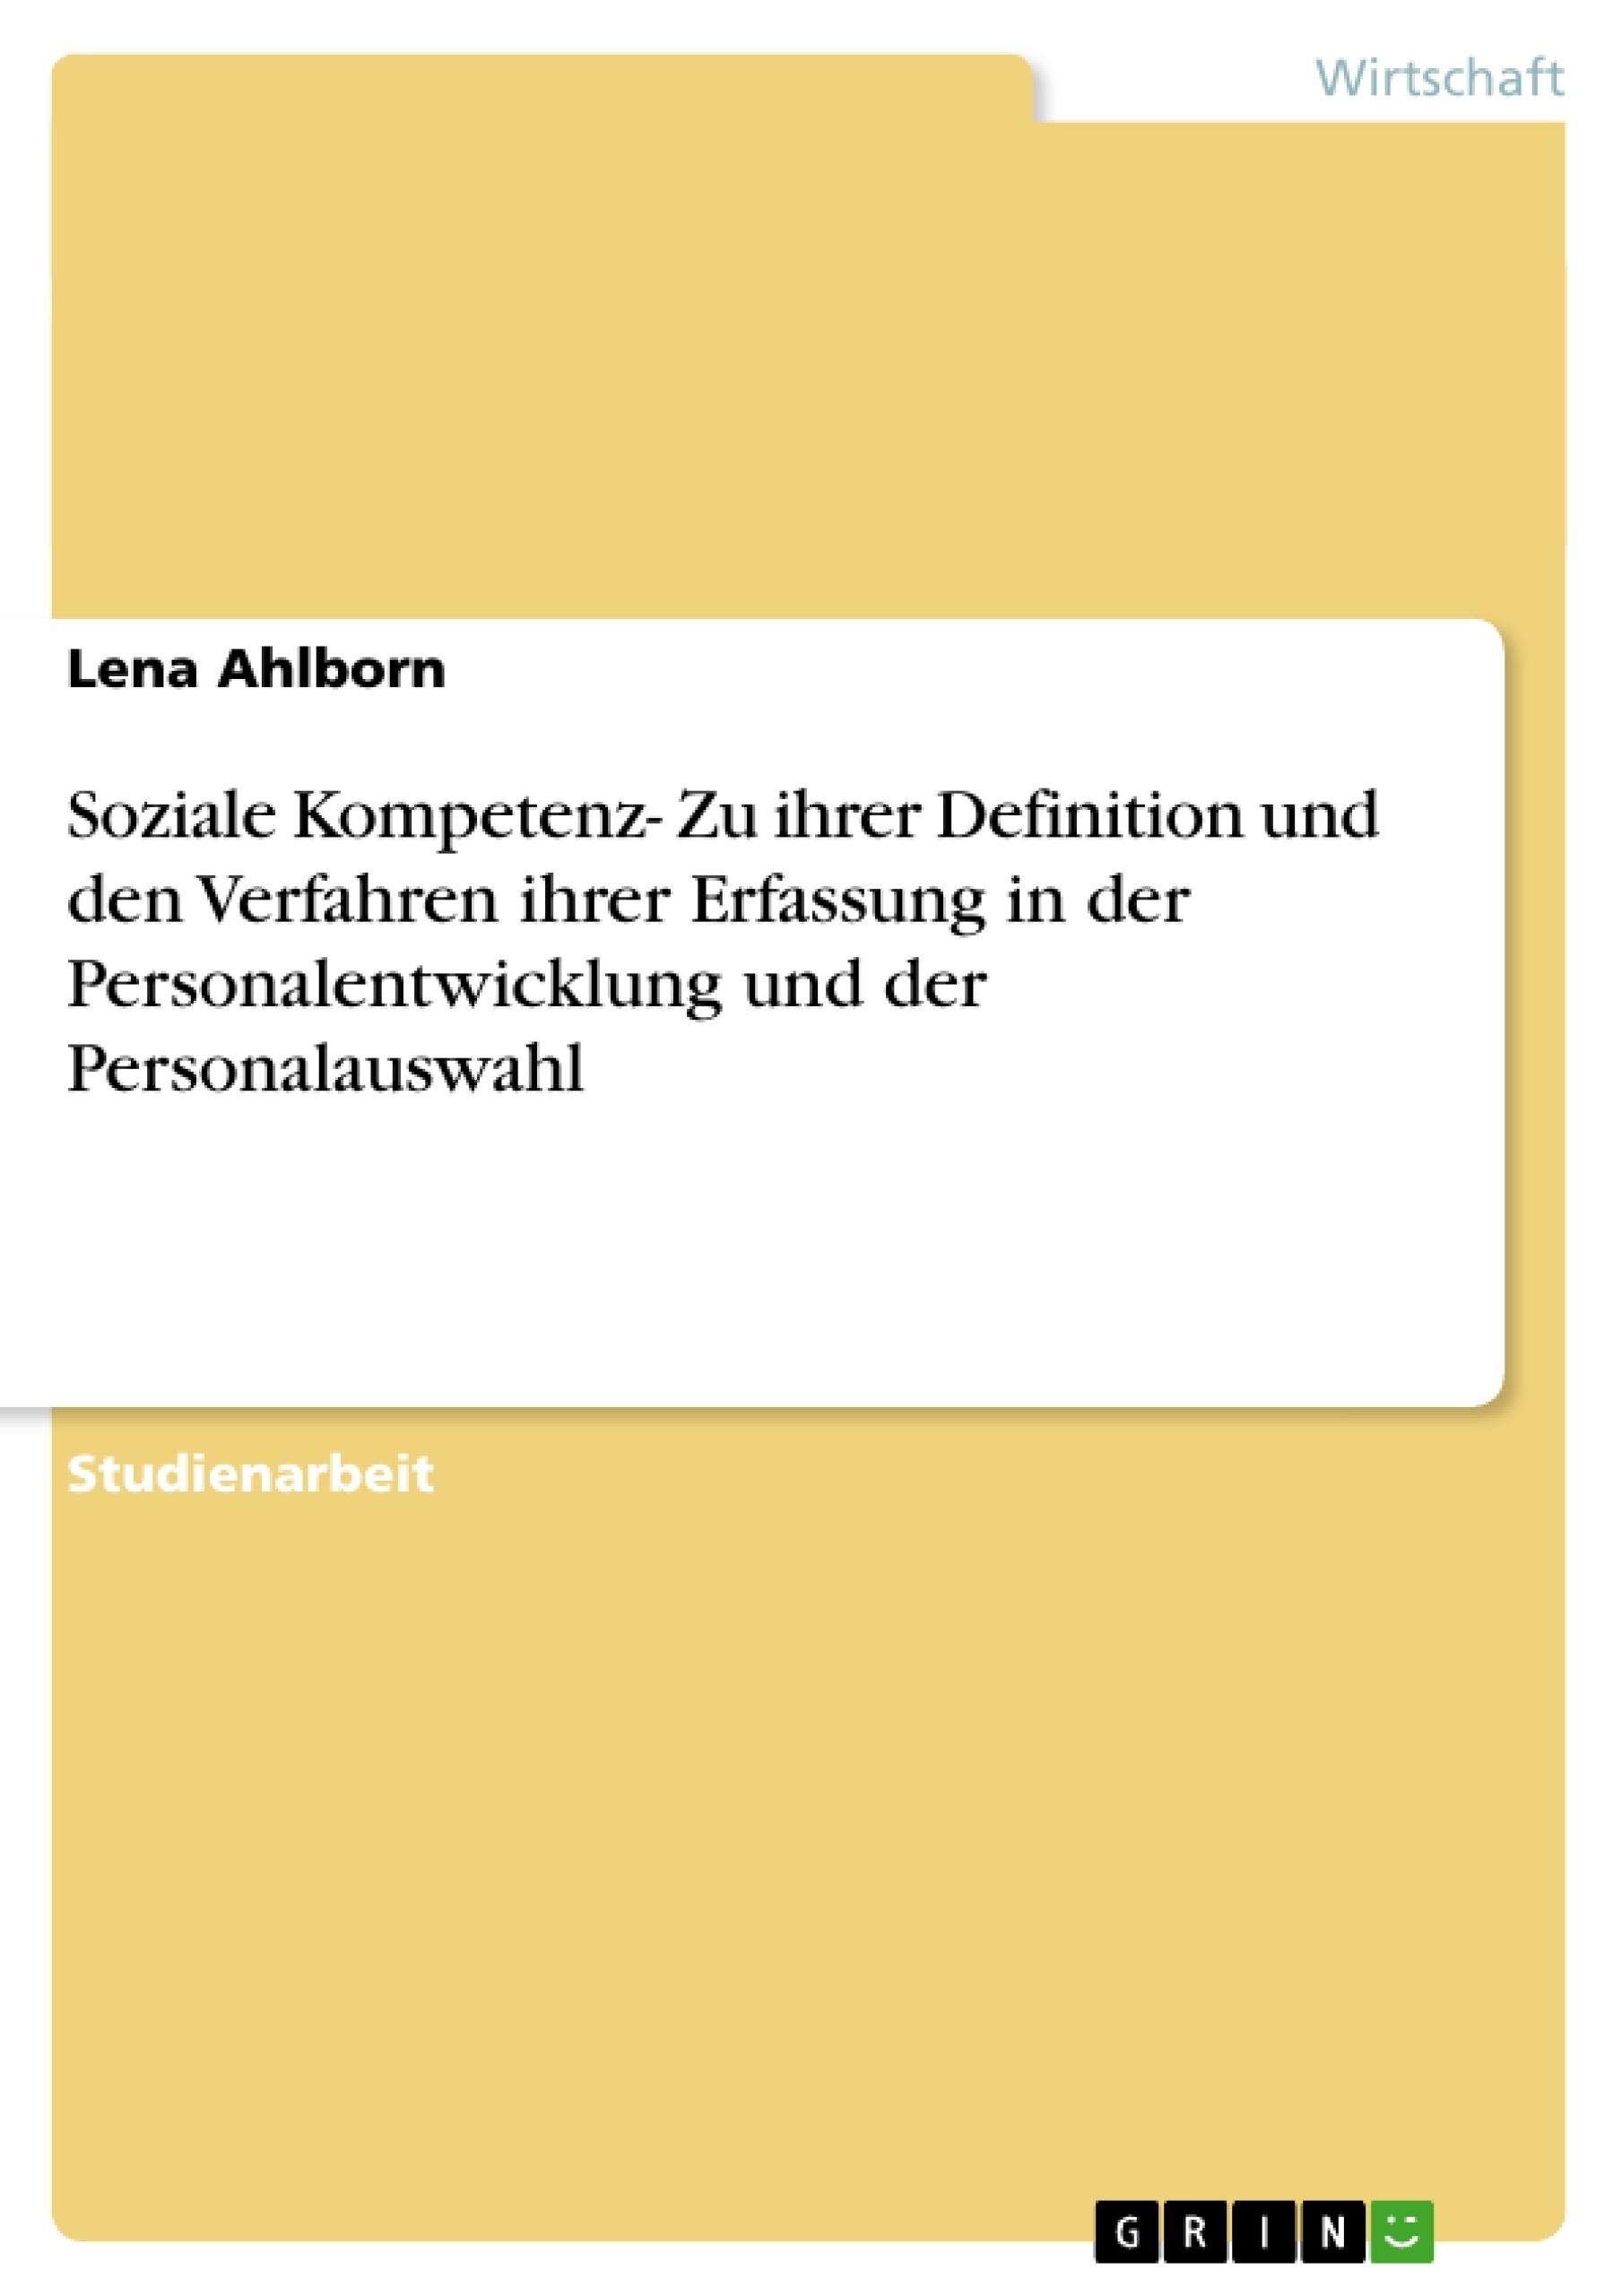 Titel: Soziale Kompetenz- Zu ihrer Definition und den Verfahren ihrer Erfassung in der Personalentwicklung und der Personalauswahl